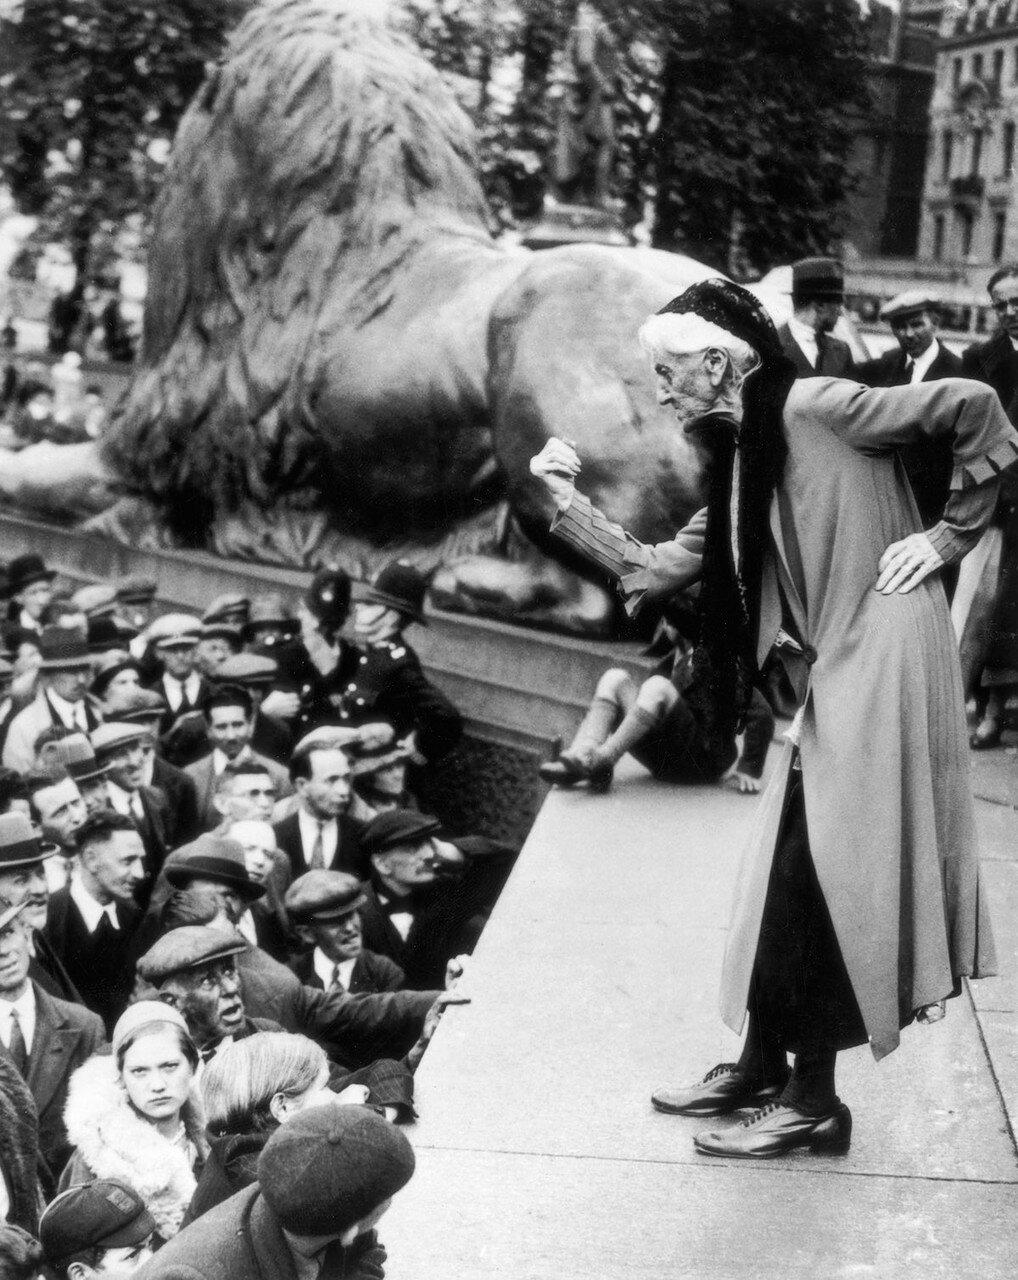 1932. Британская суфражистка Шарлотта Деспард в возрасте 88 лет обращается к толпе на Трафальгарской площади во время митинга коммунистической партии